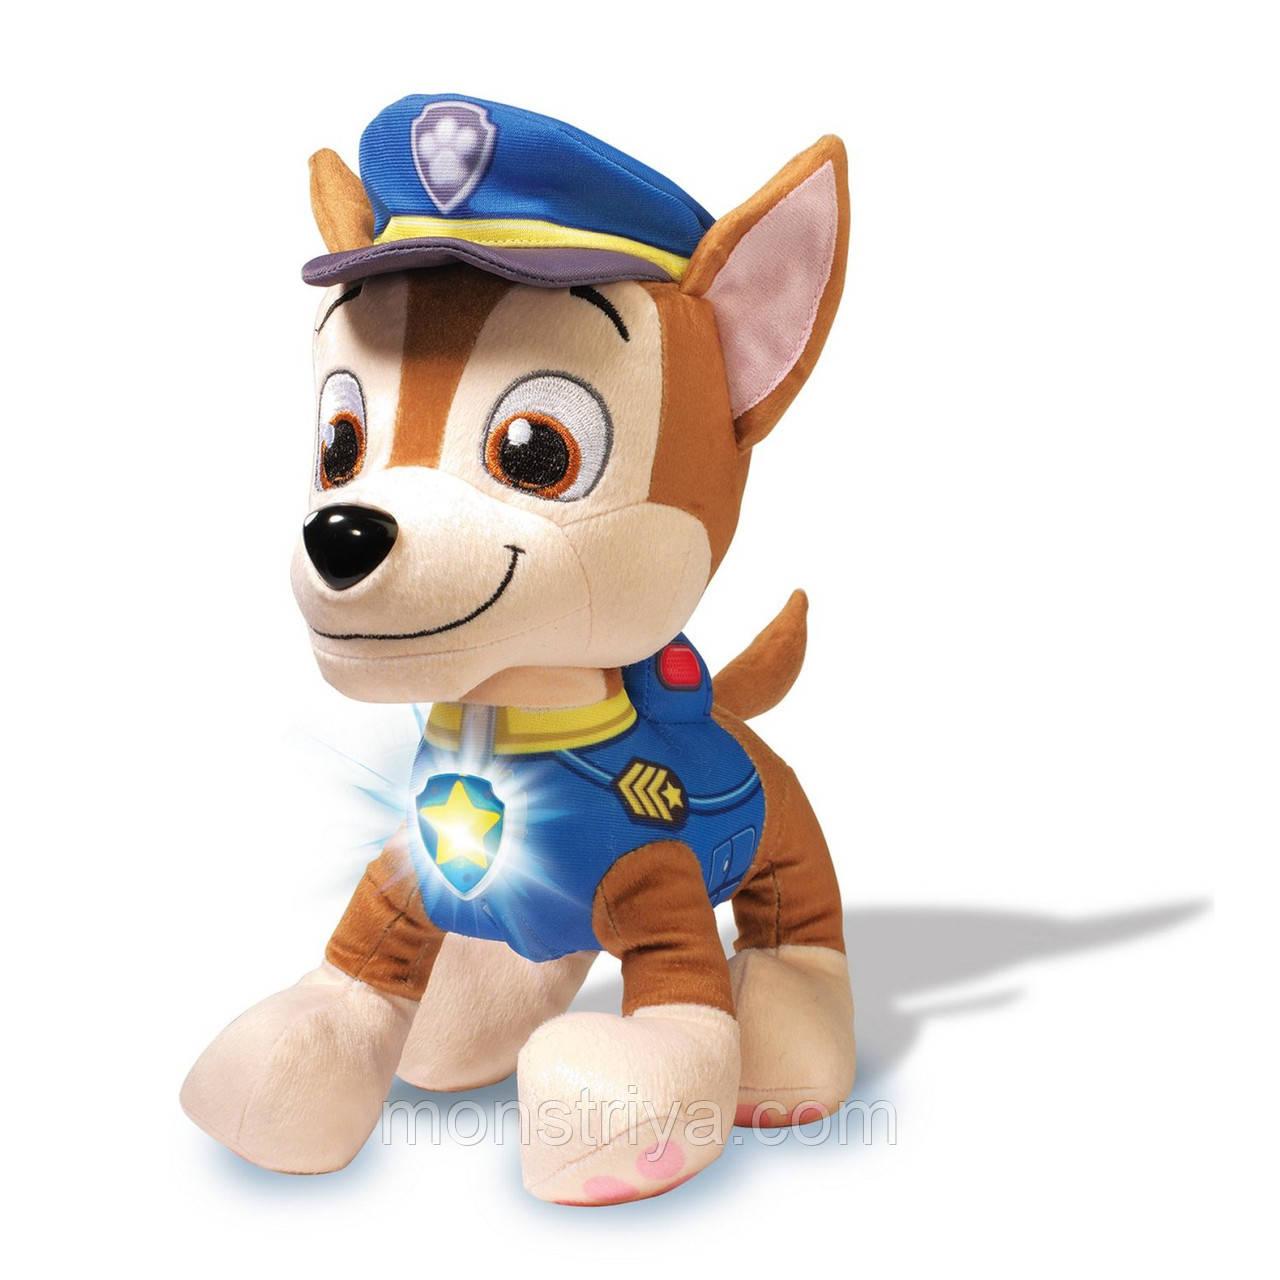 Игрушки Щенячий патруль (Paw Patrol) Чейз говорящий, фото 1